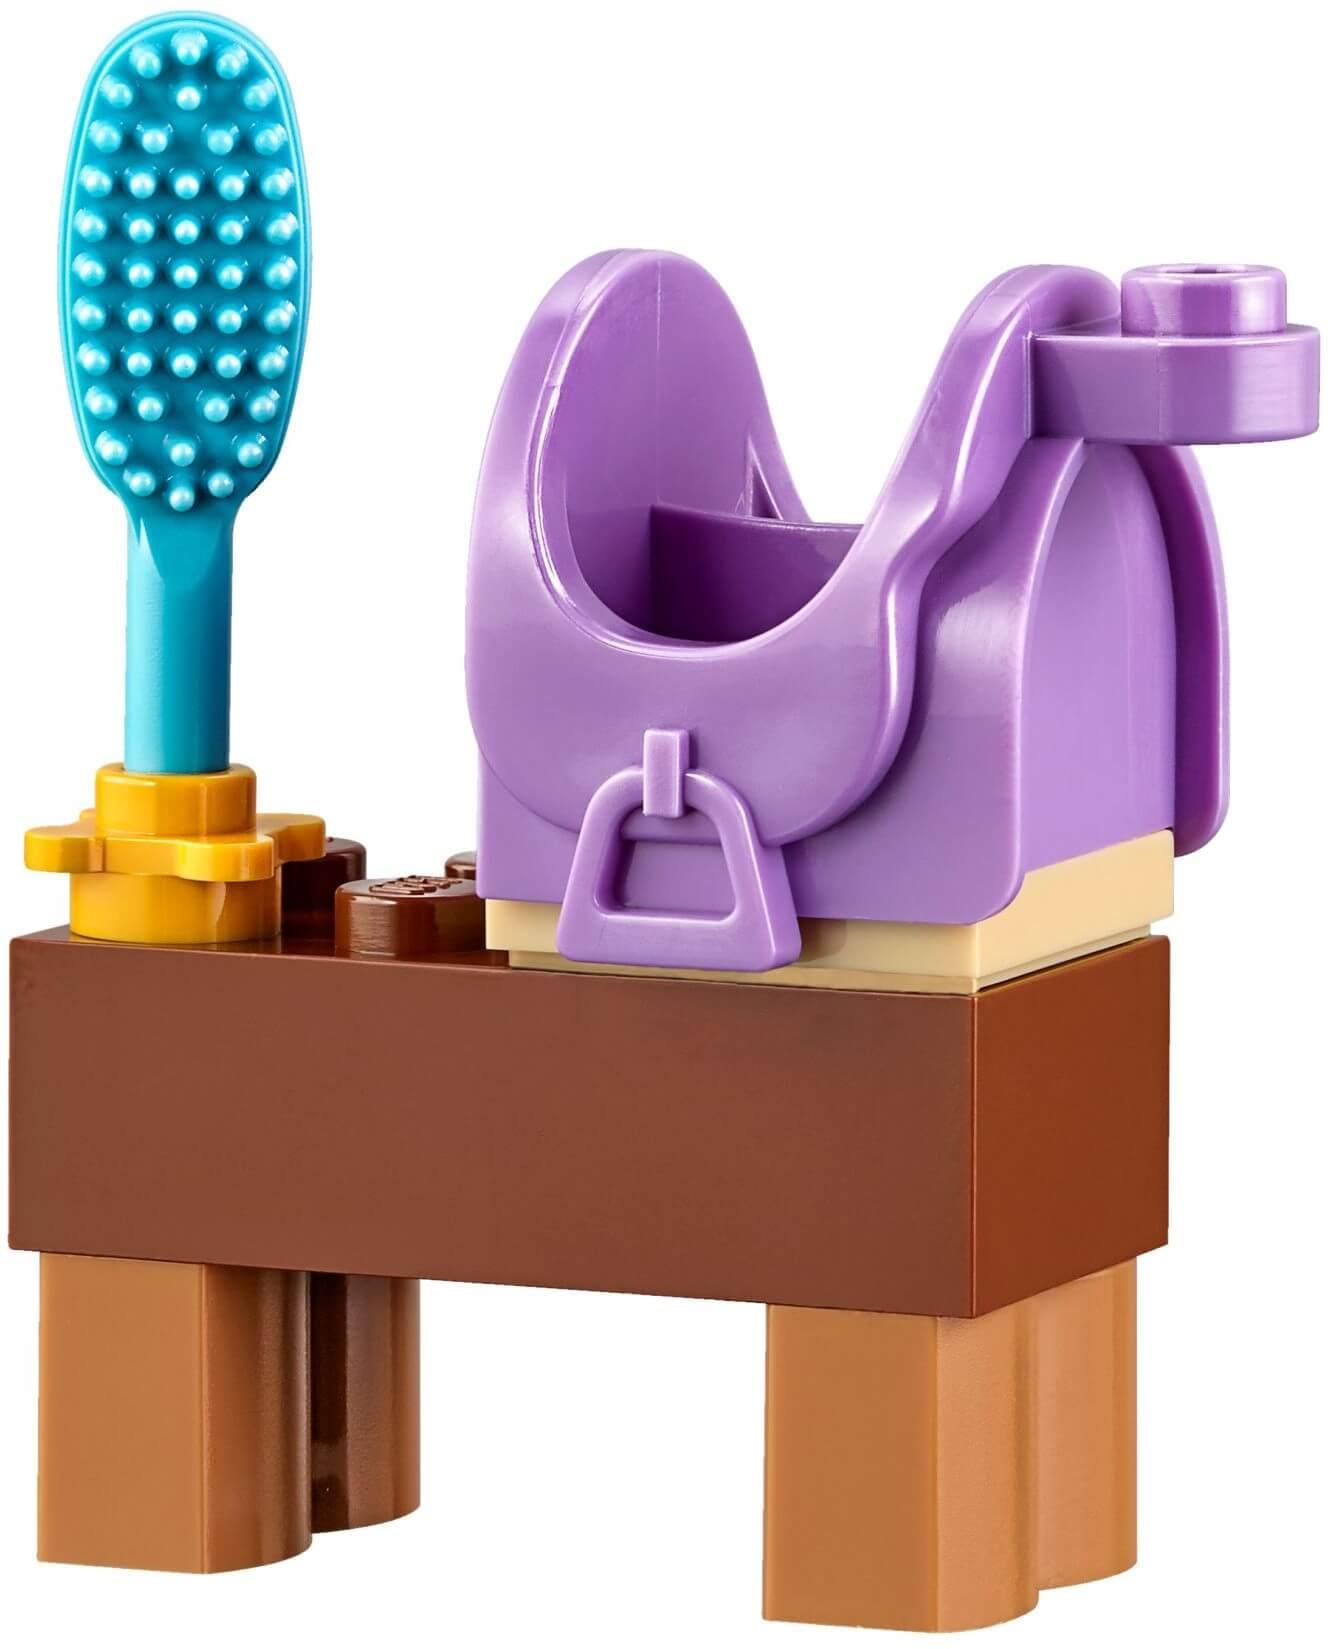 Mua đồ chơi LEGO 10726 - LEGO Juniors 10726 - Cỗ Xe Ngựa của Stephenie (LEGO Juniors Stephanie's Horse Carriage 10726)